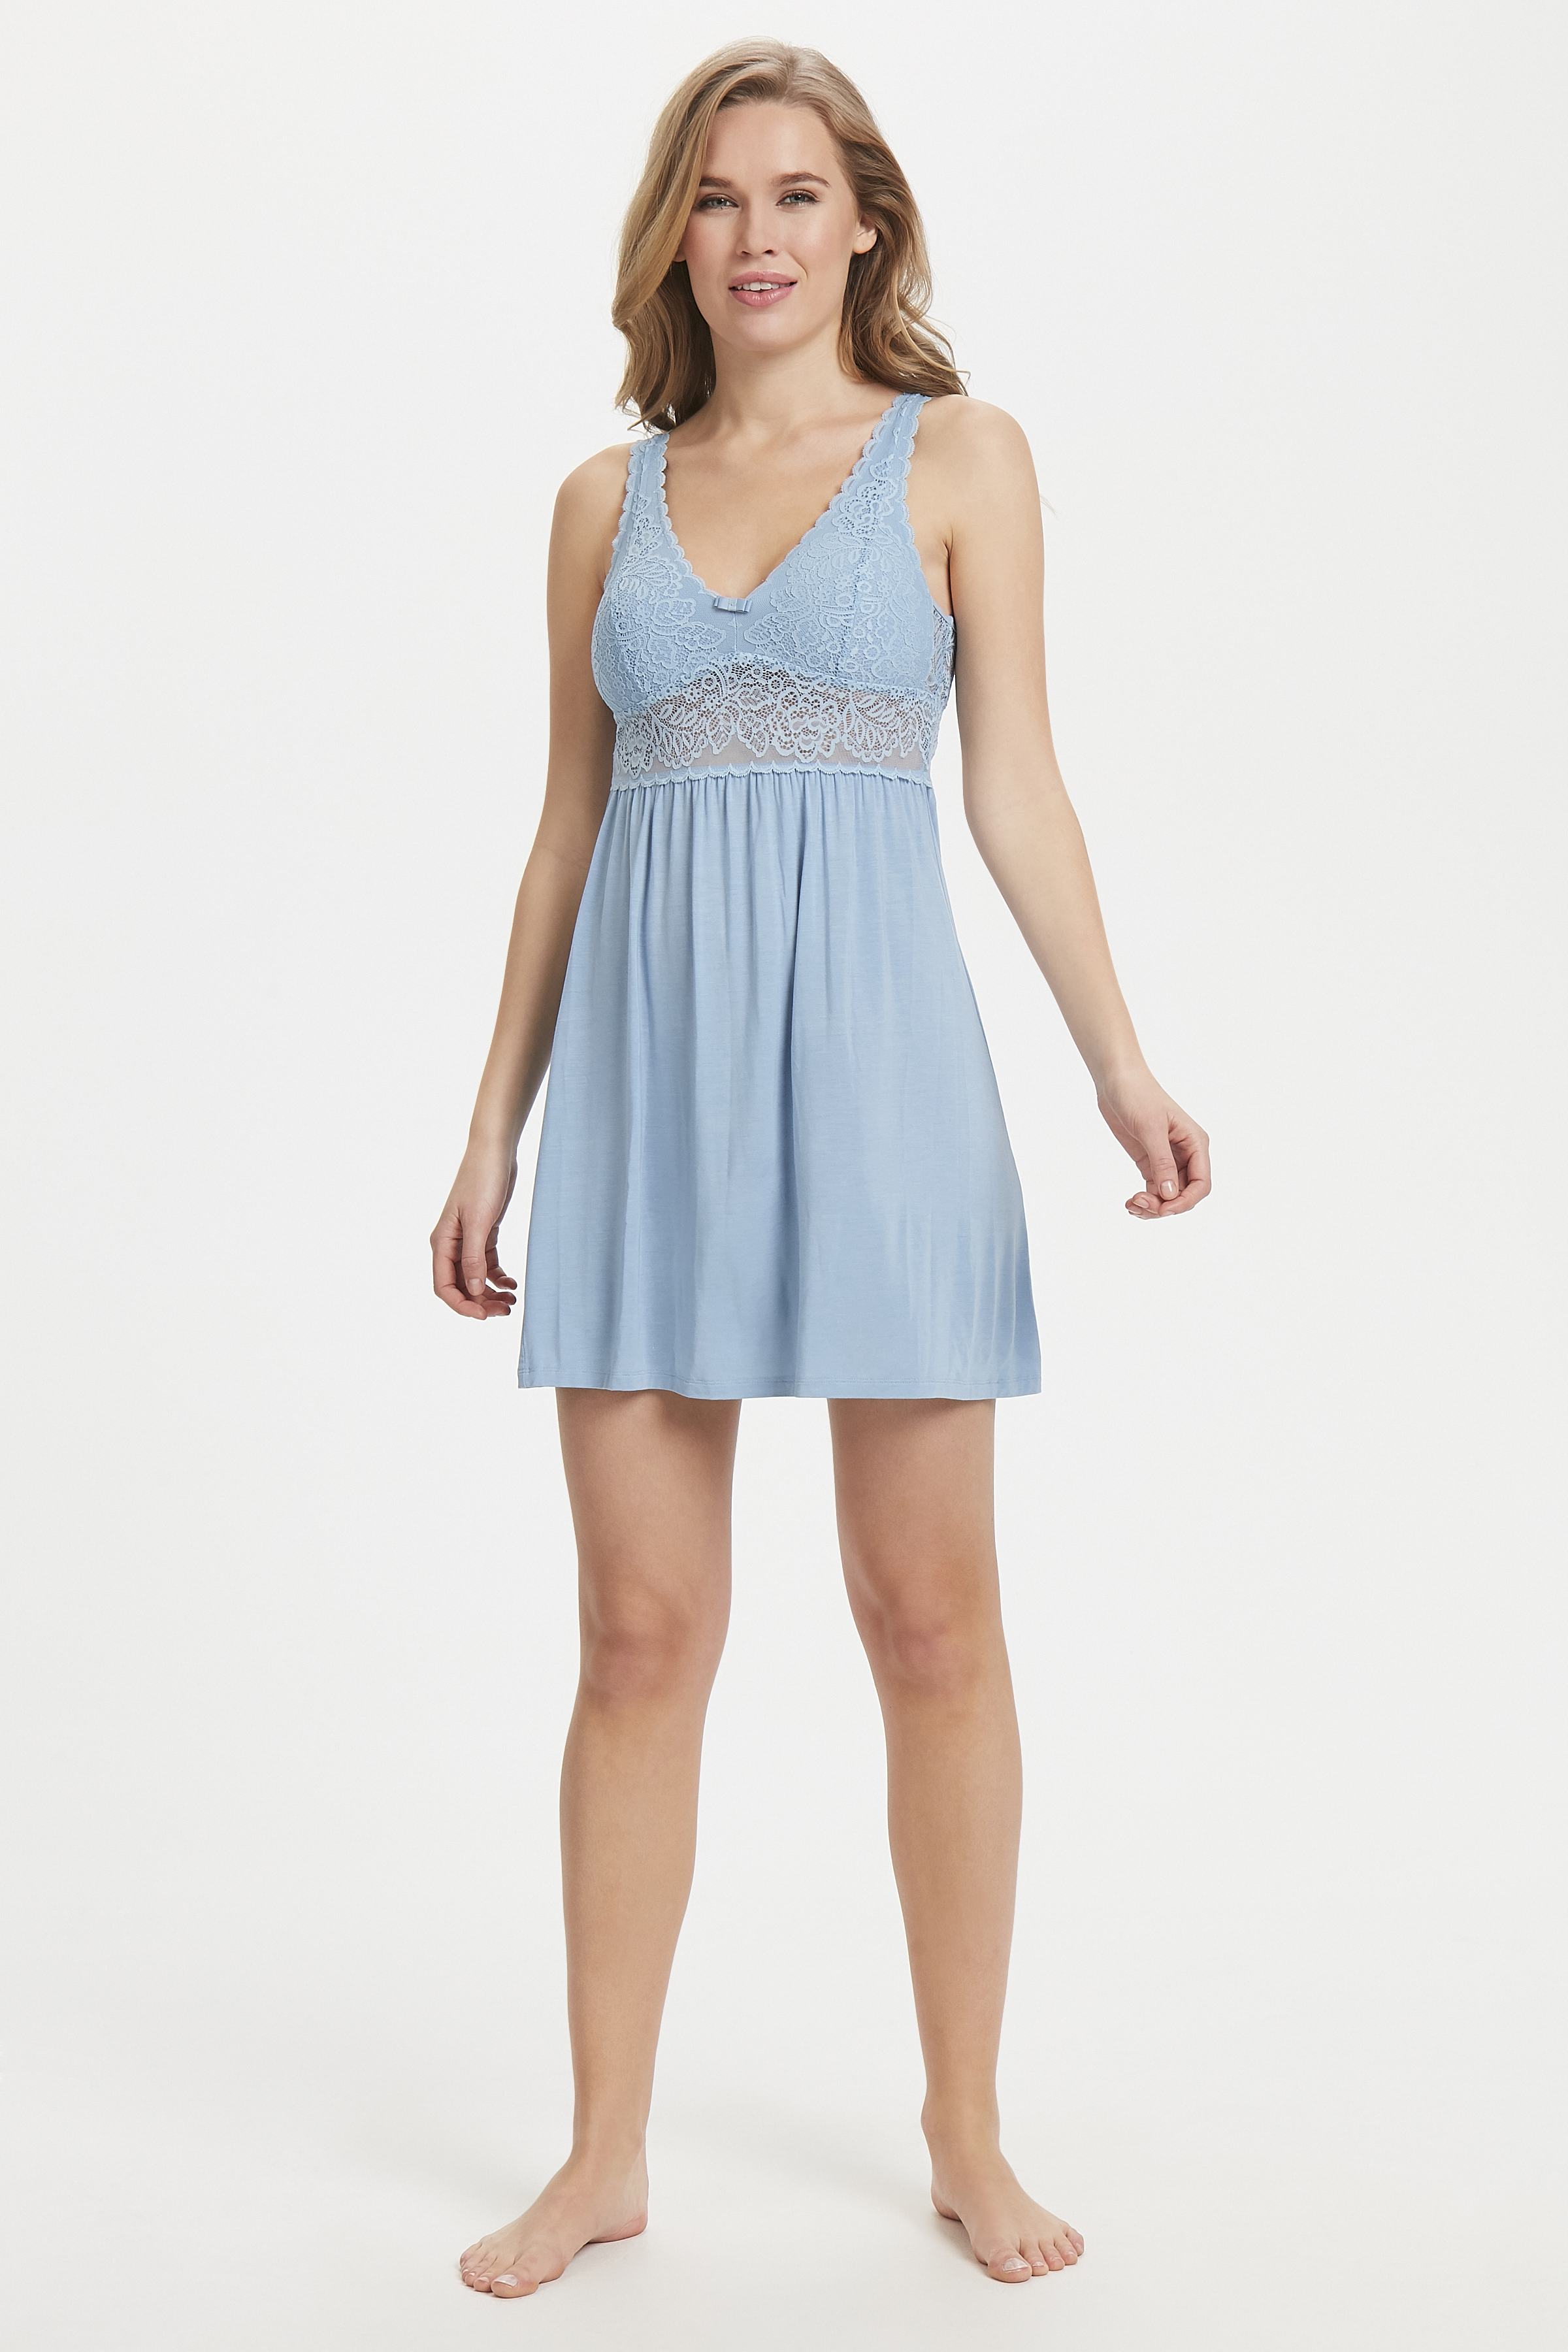 Ljusblå Nattklänning - Amourette Spotlight från Triumph – Köp Ljusblå Nattklänning - Amourette Spotlight från stl. 36-44 här